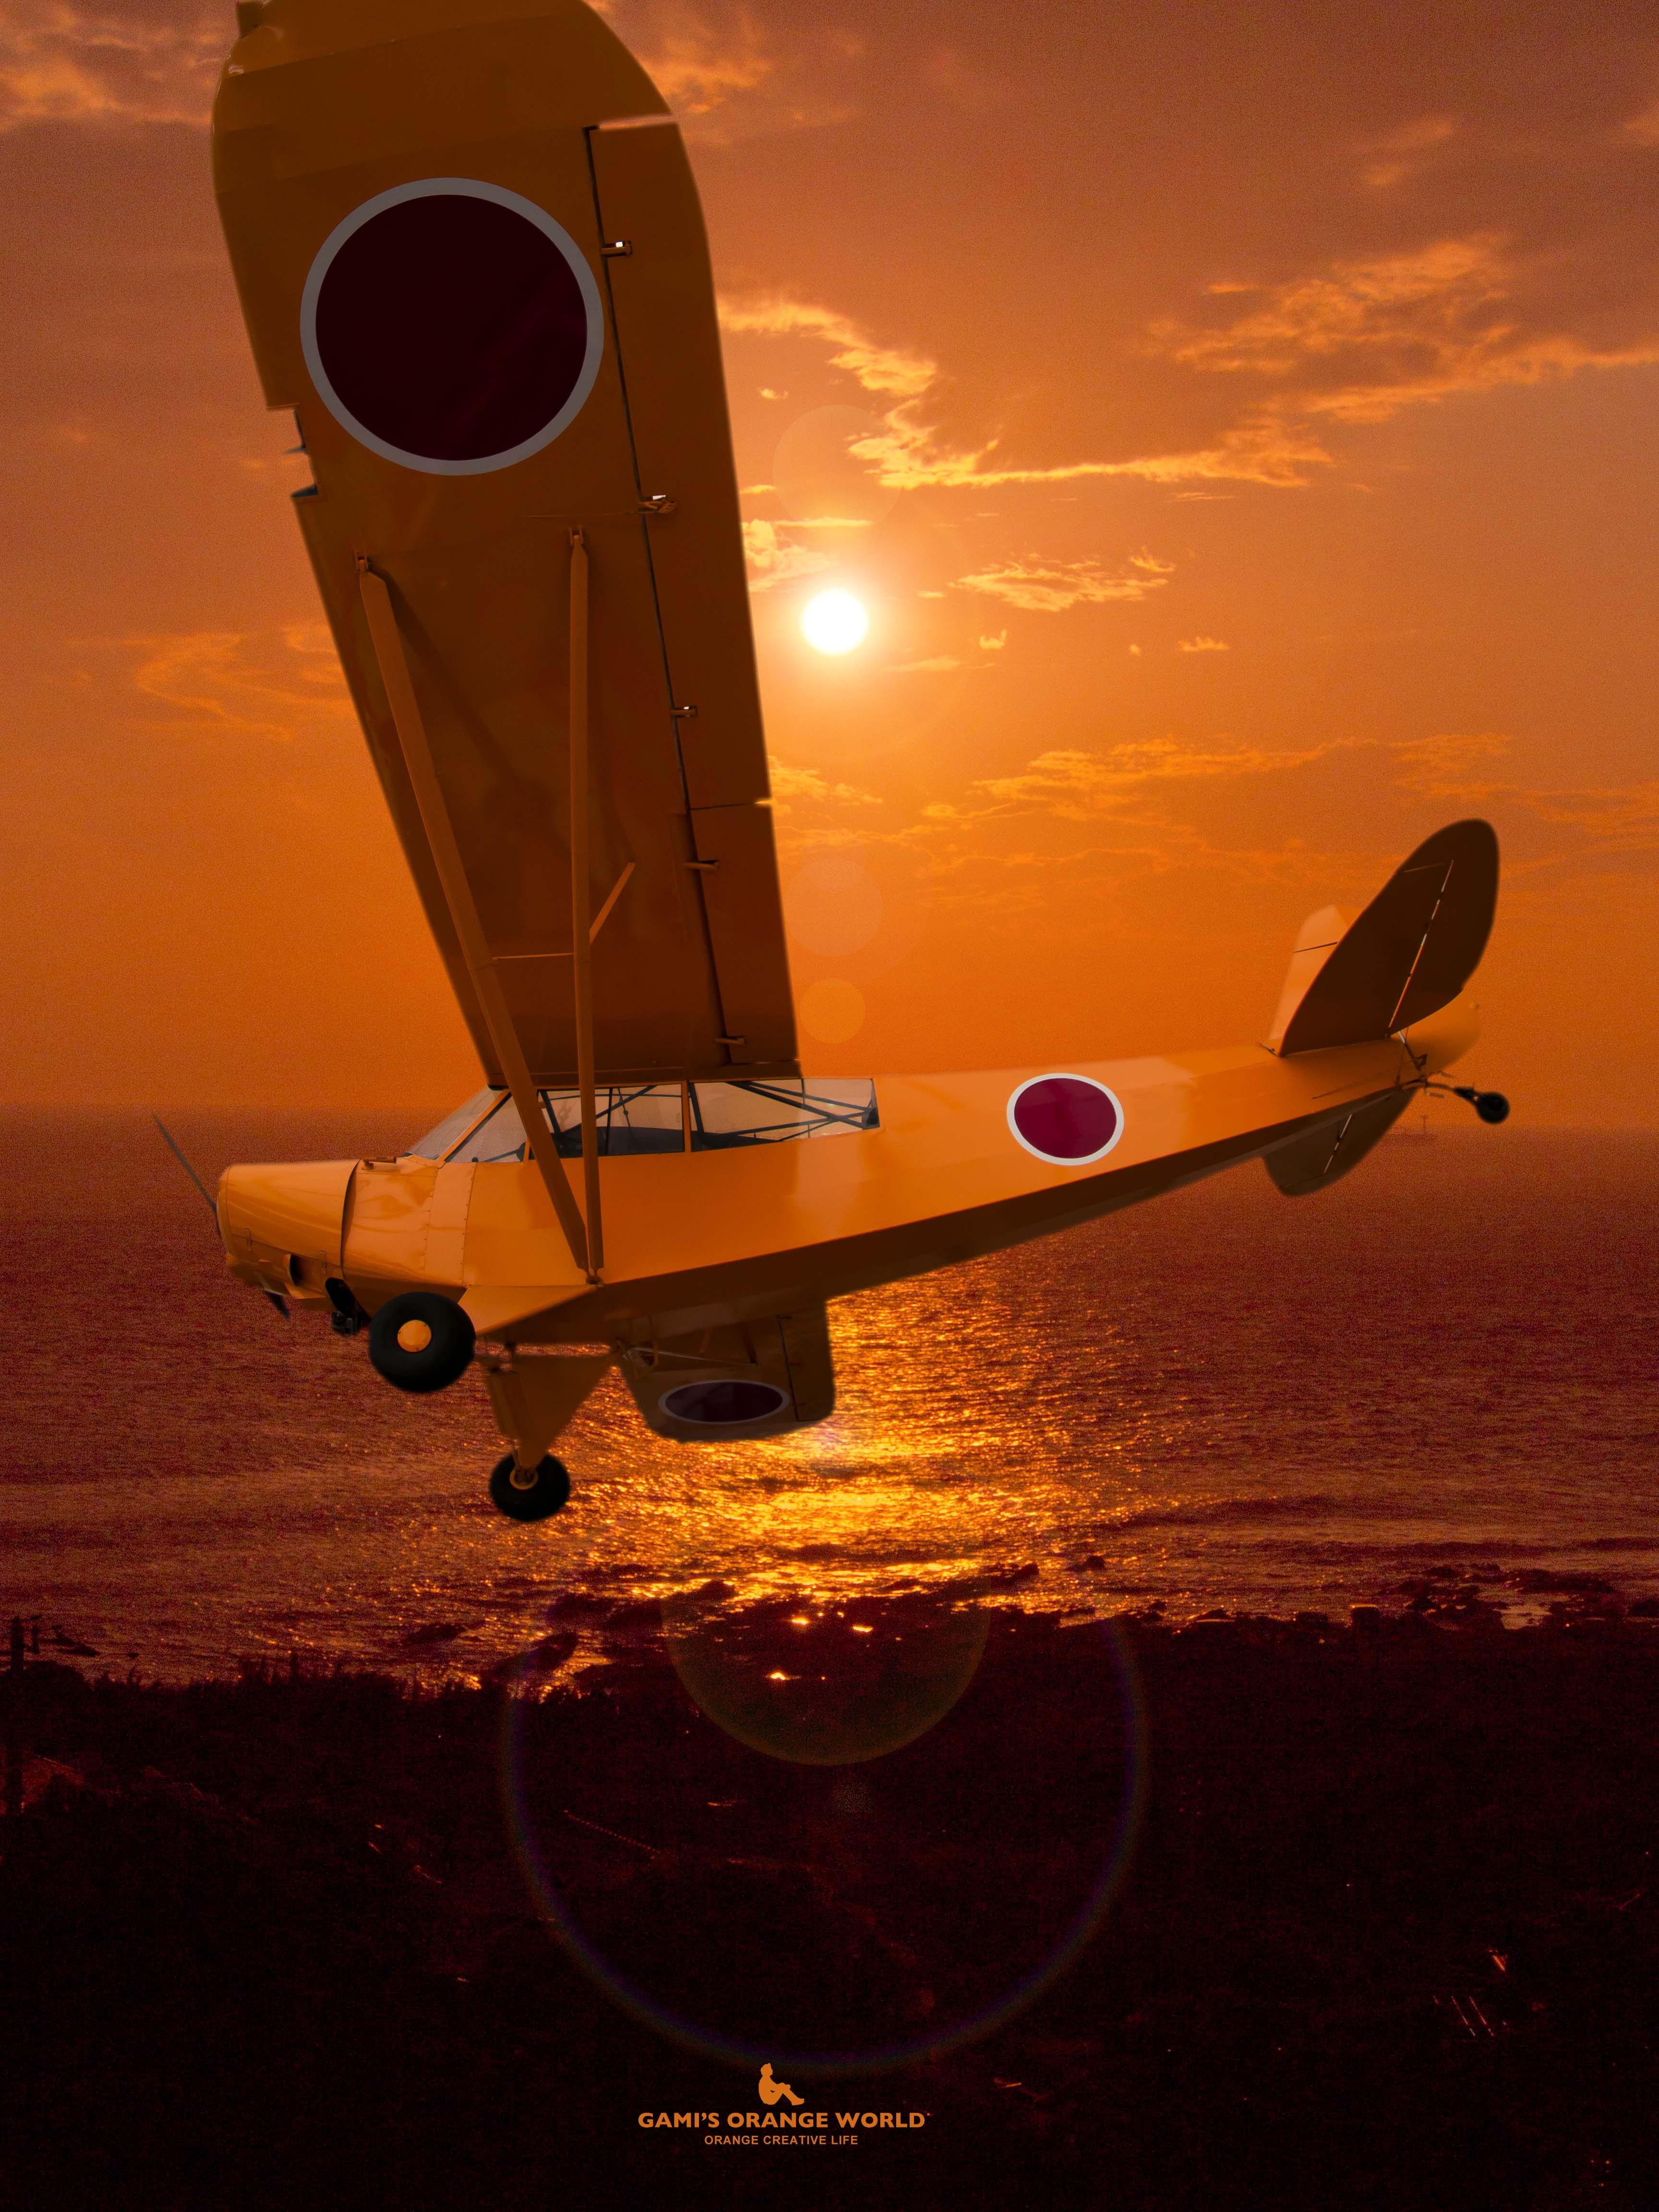 オレンジの空を飛ぶオレンジセスナ